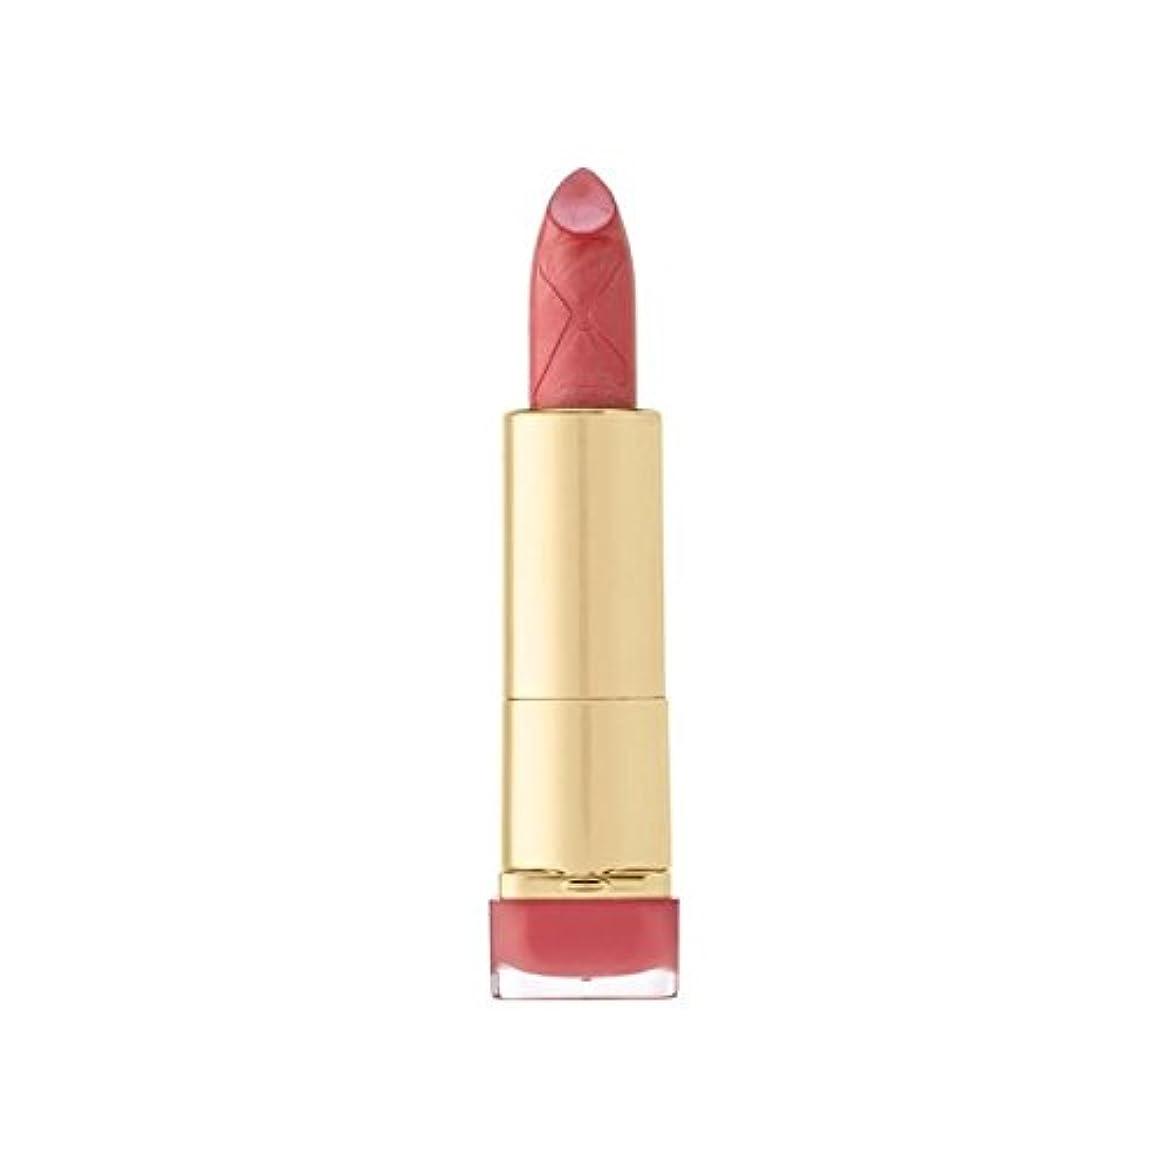 接尾辞分いつかマックスファクターカラーエリキシル口紅英語は510をバラ x4 - Max Factor Colour Elixir Lipstick English Rose 510 (Pack of 4) [並行輸入品]